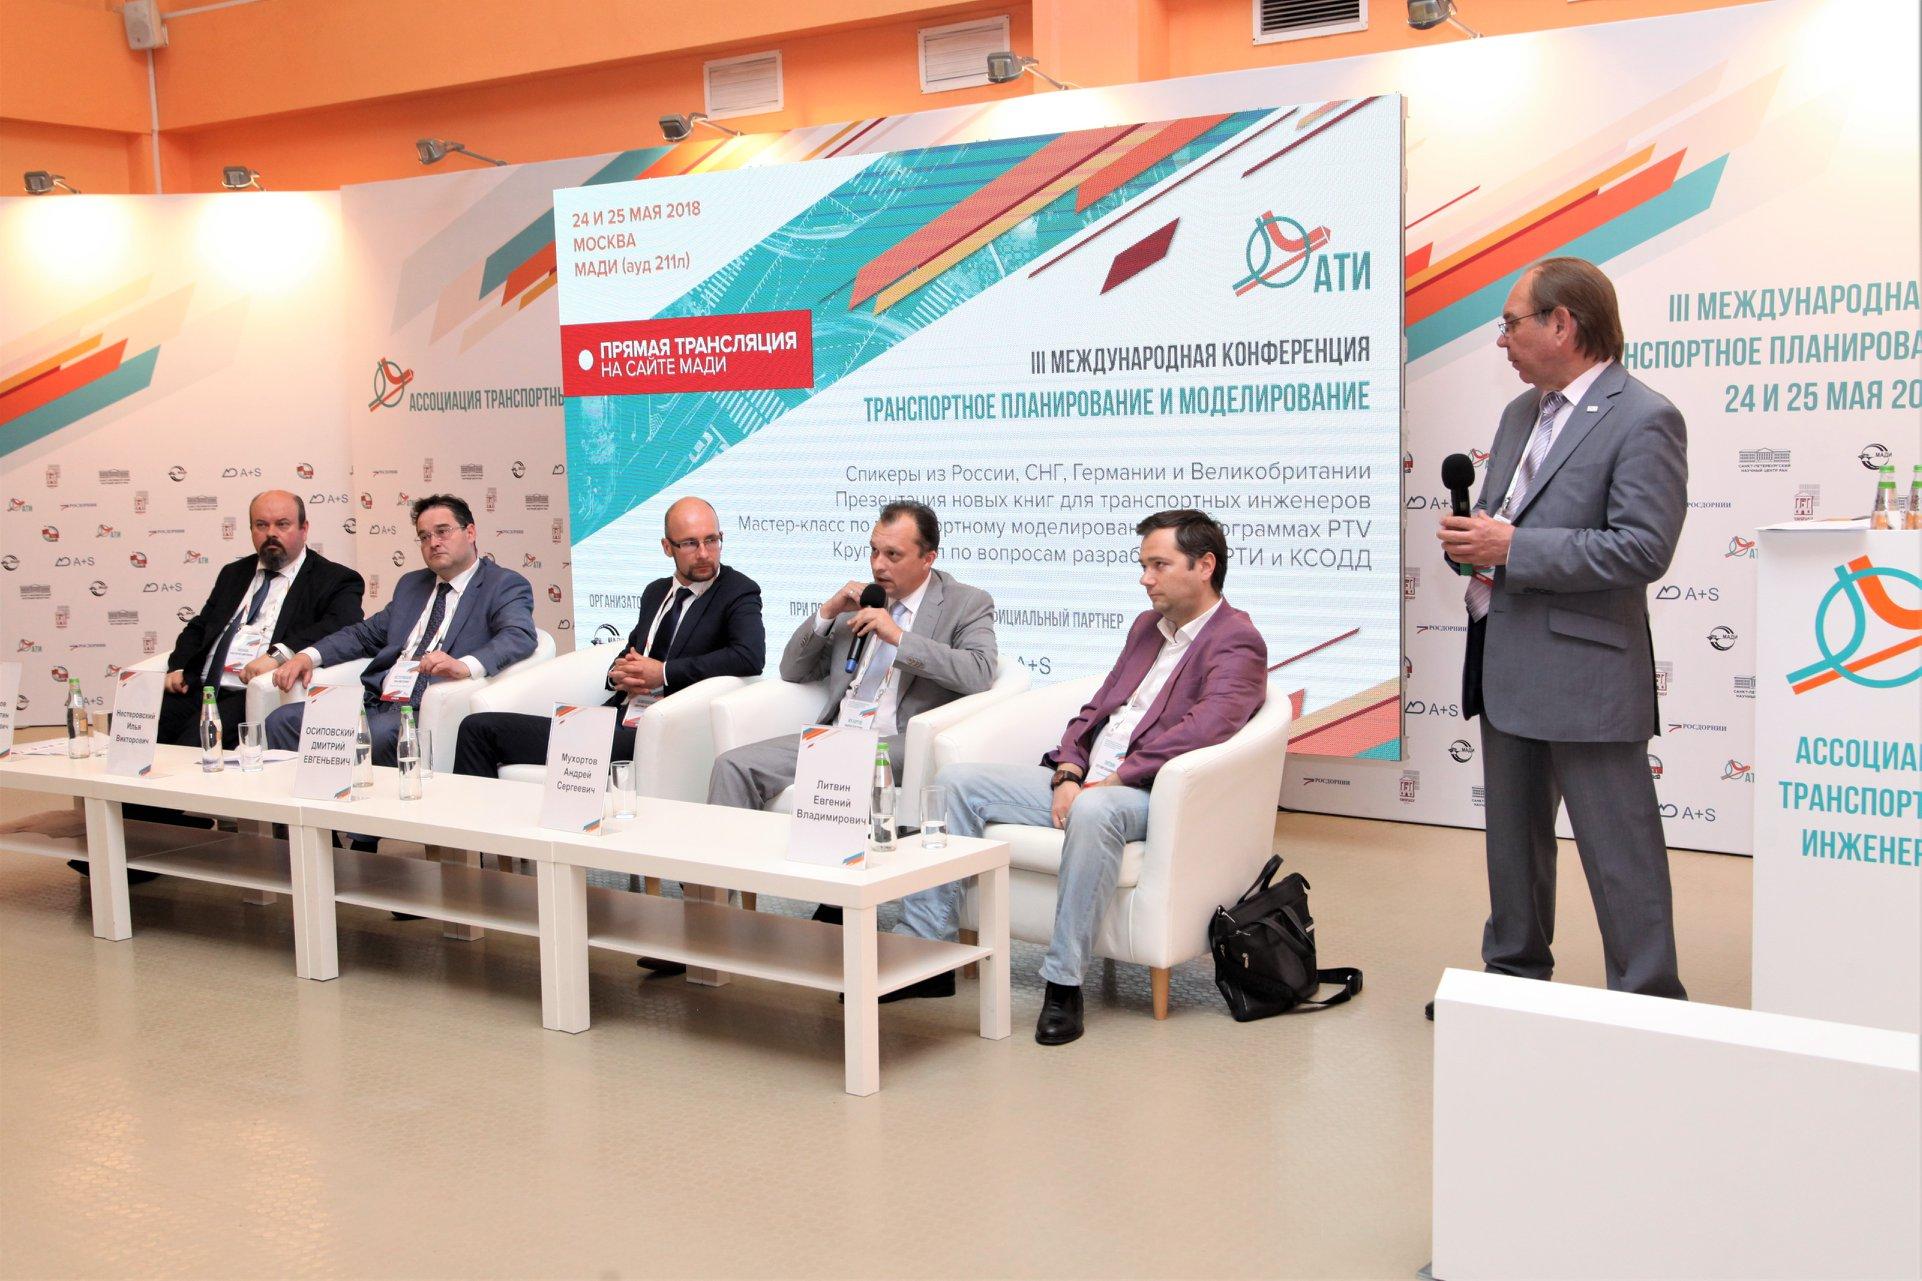 В середине апреля состоялась конференция «Транспортное планирование и моделирование»